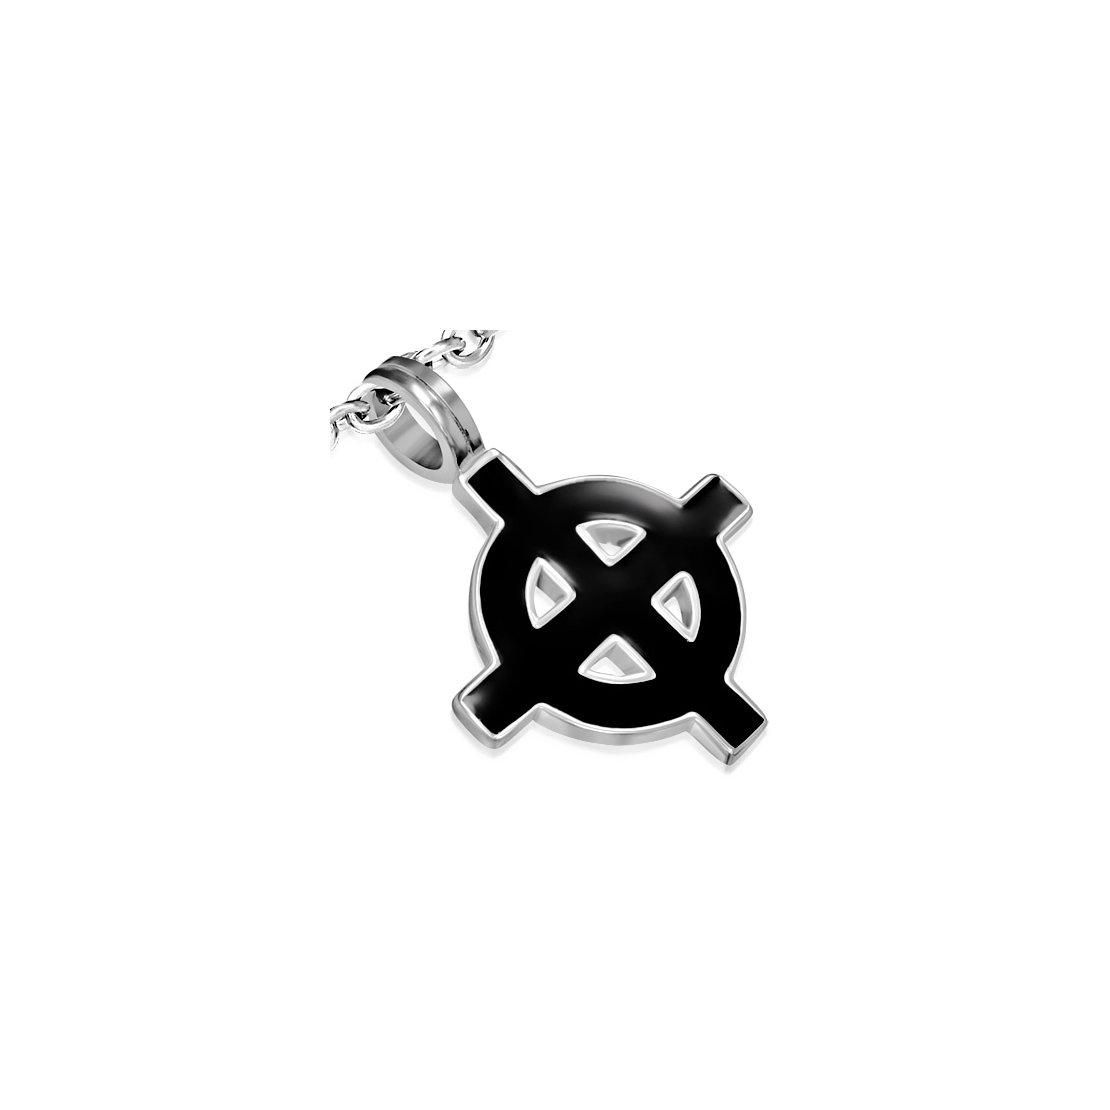 Pendentif celtique en forme de croix en acier inoxydable deux tons NRG 316L Jewelry 205-LYO249